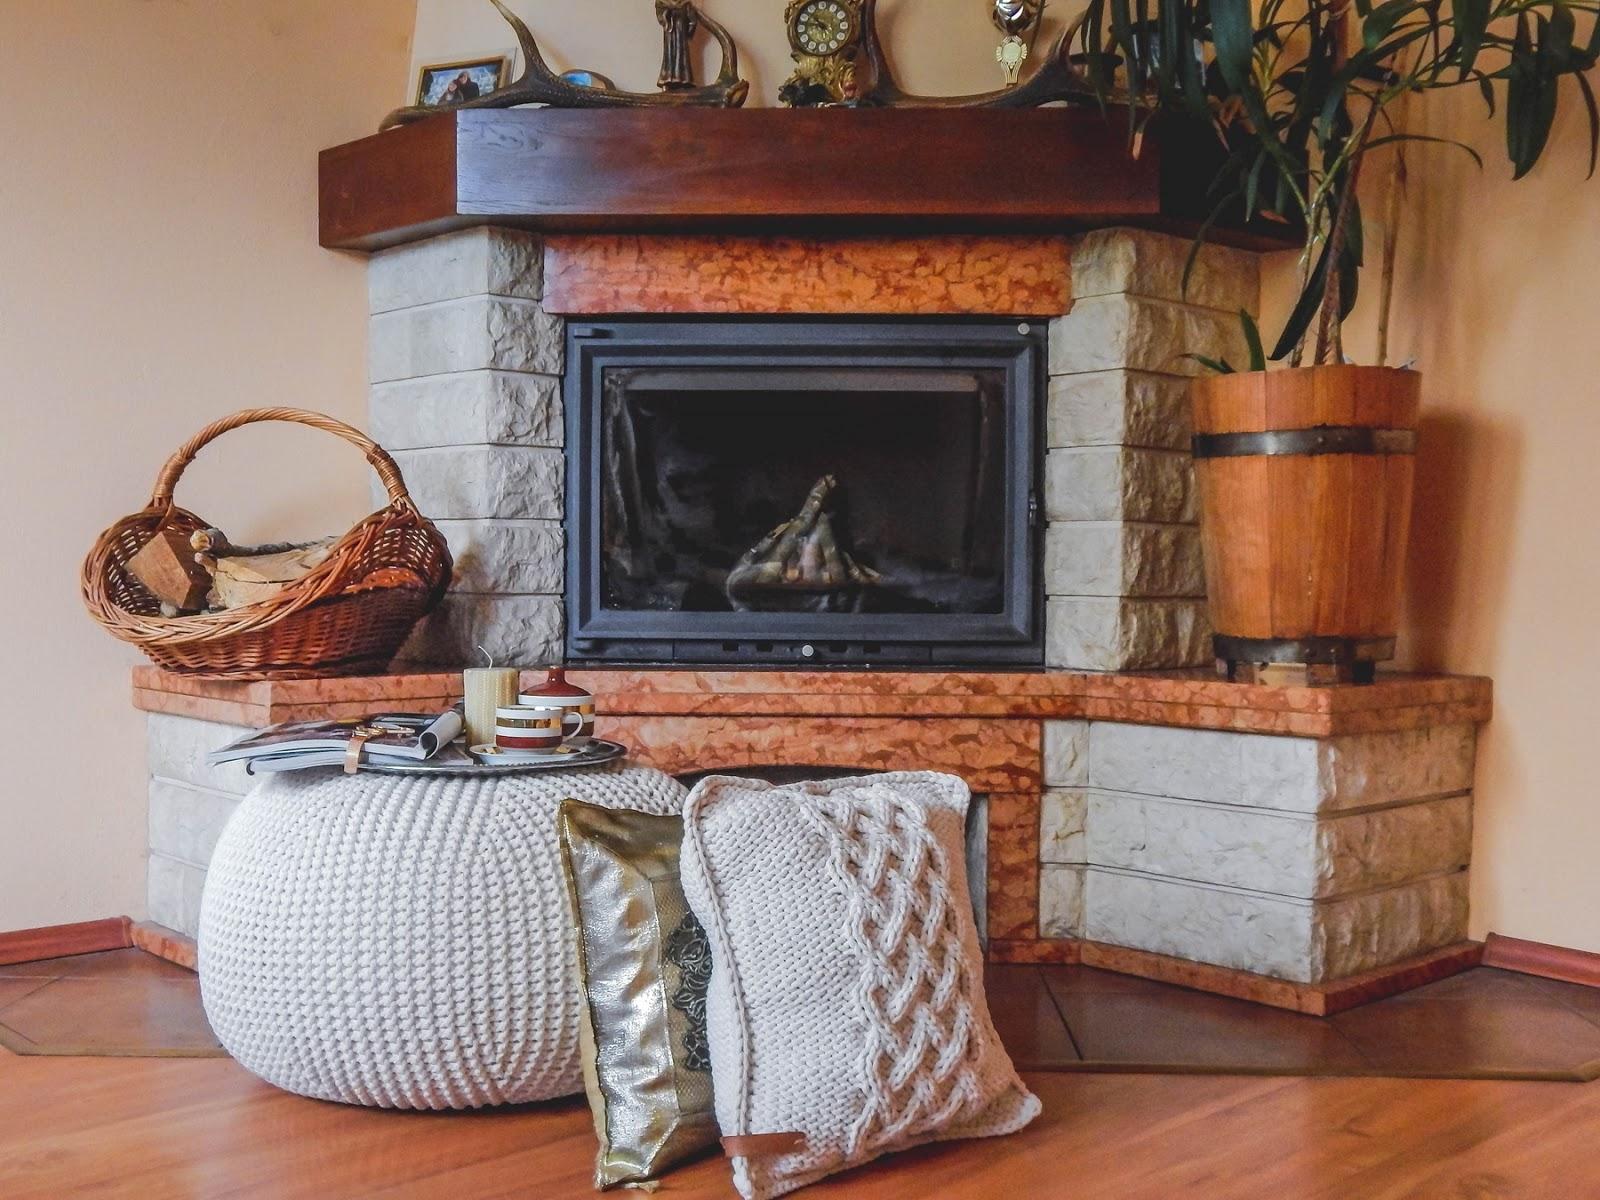 1 filo loop pomysł na biznes iwona trocka pufy poduszki warsztaty handmade robienia na drutach pledy koce shoper bag ze sznurka pomysł na prezent wystrój wnętrz design dodatki do mieszkań i domów handmade